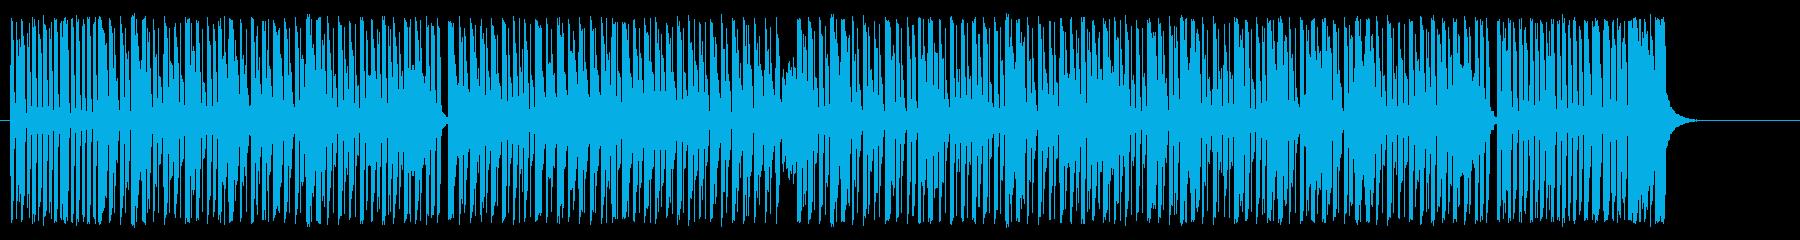 サーカスをイメージした楽しげなBGMの再生済みの波形